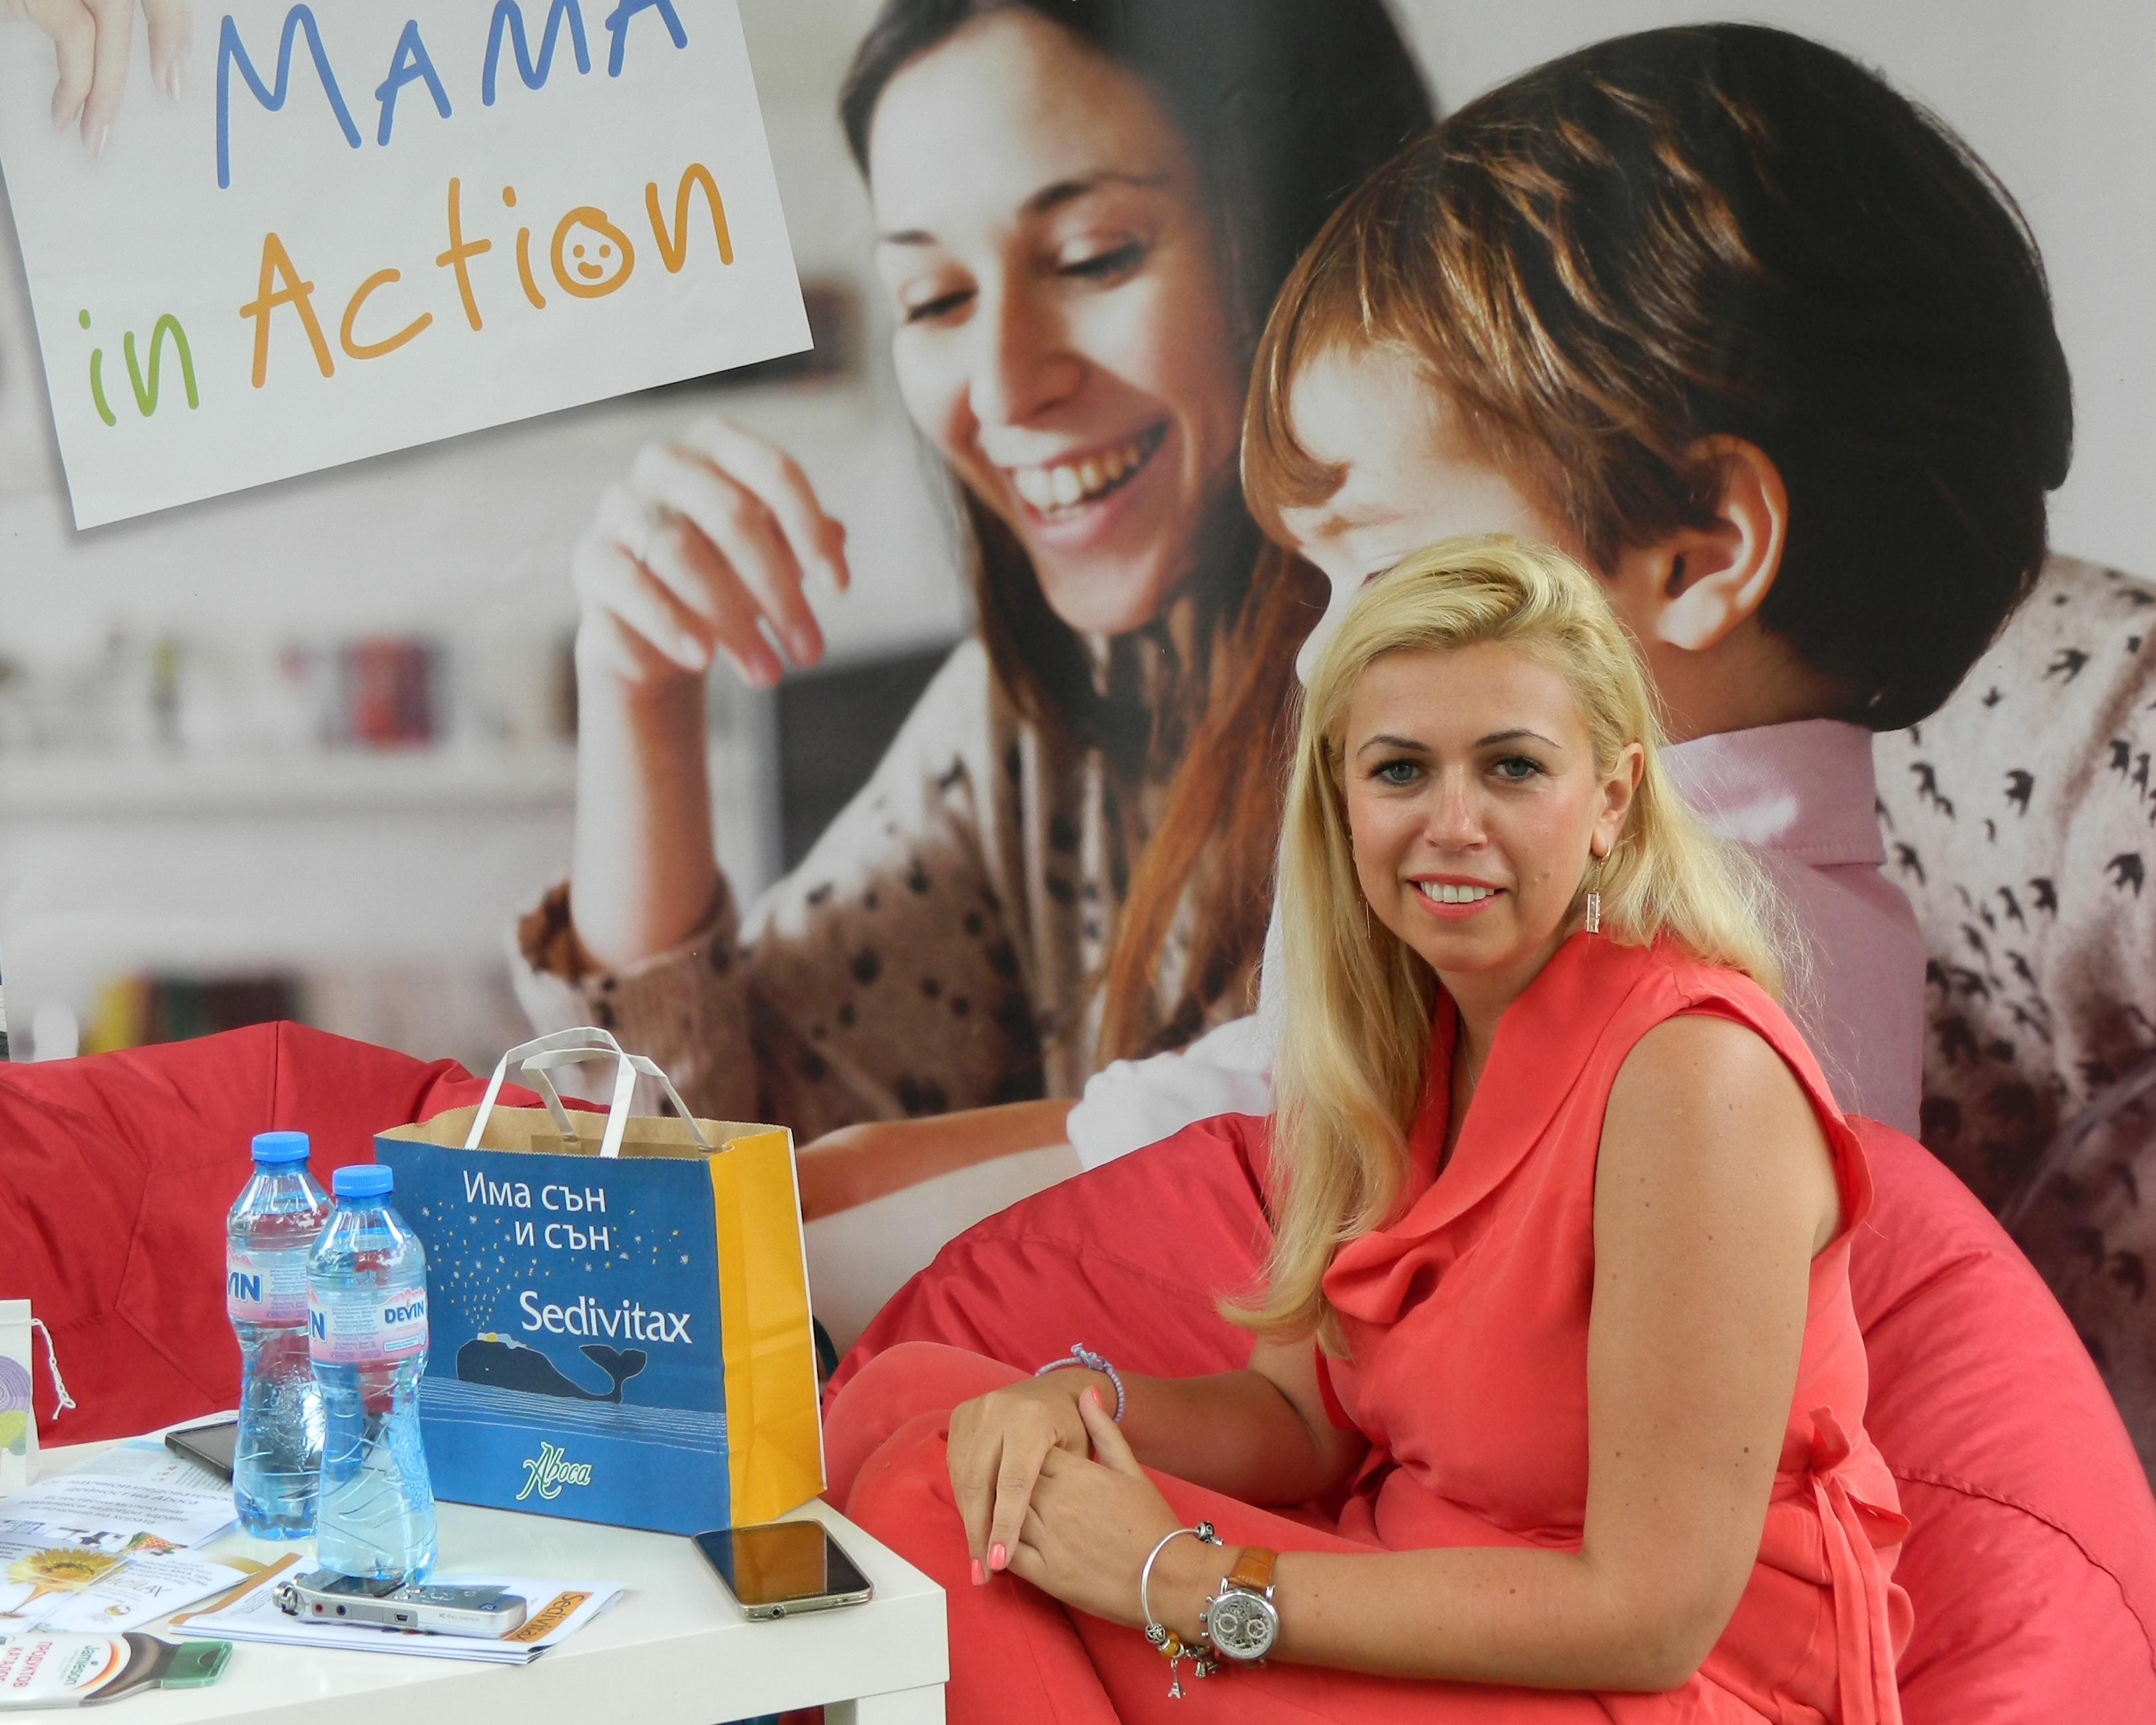 Мама в действие: Кога децата са готови да приемат гърнето?